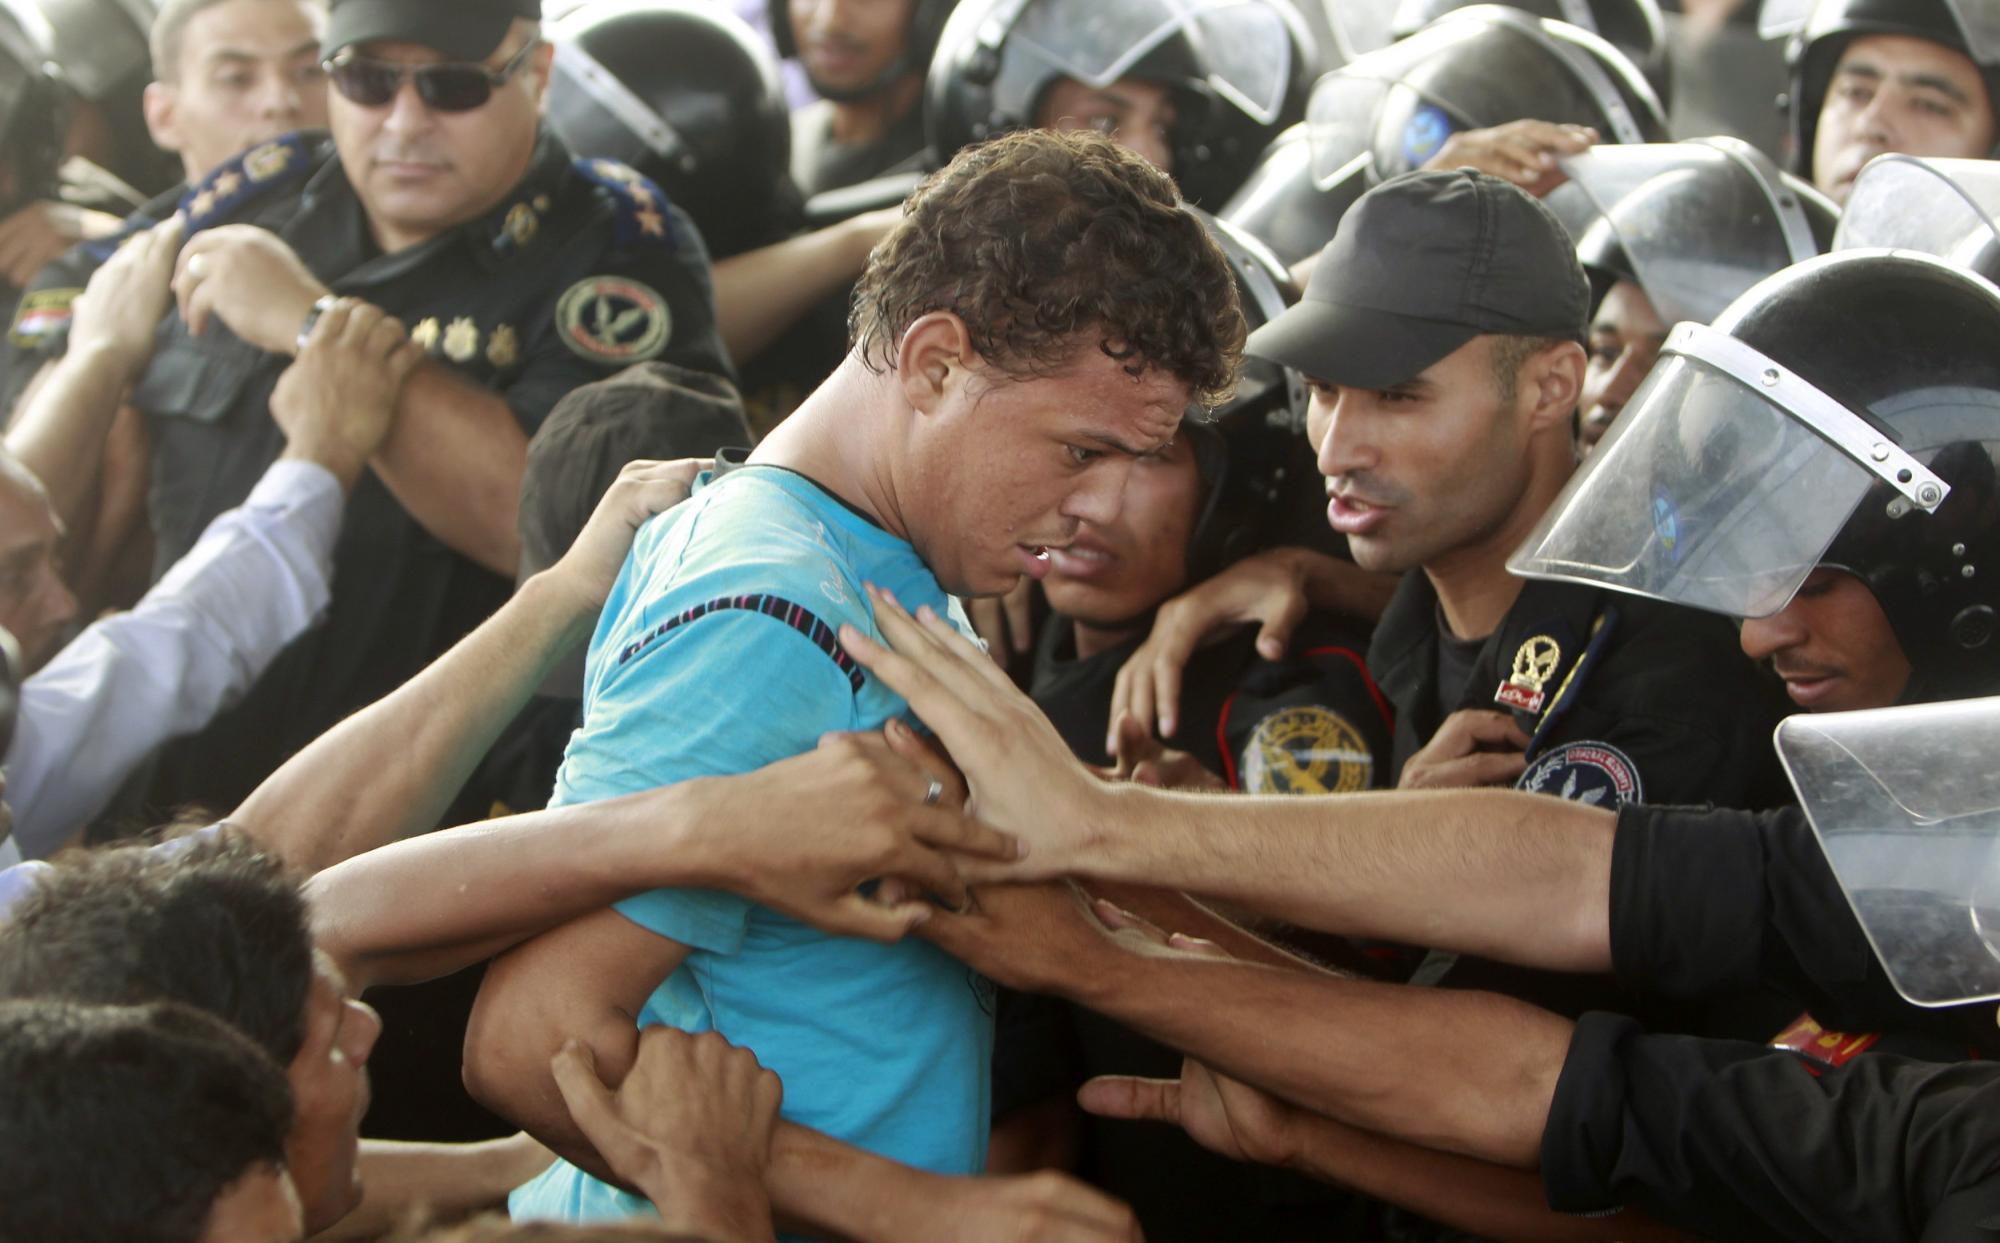 9月5日,在庭审现场外,穆巴拉克的反对者与维持秩序的警察发生冲突。